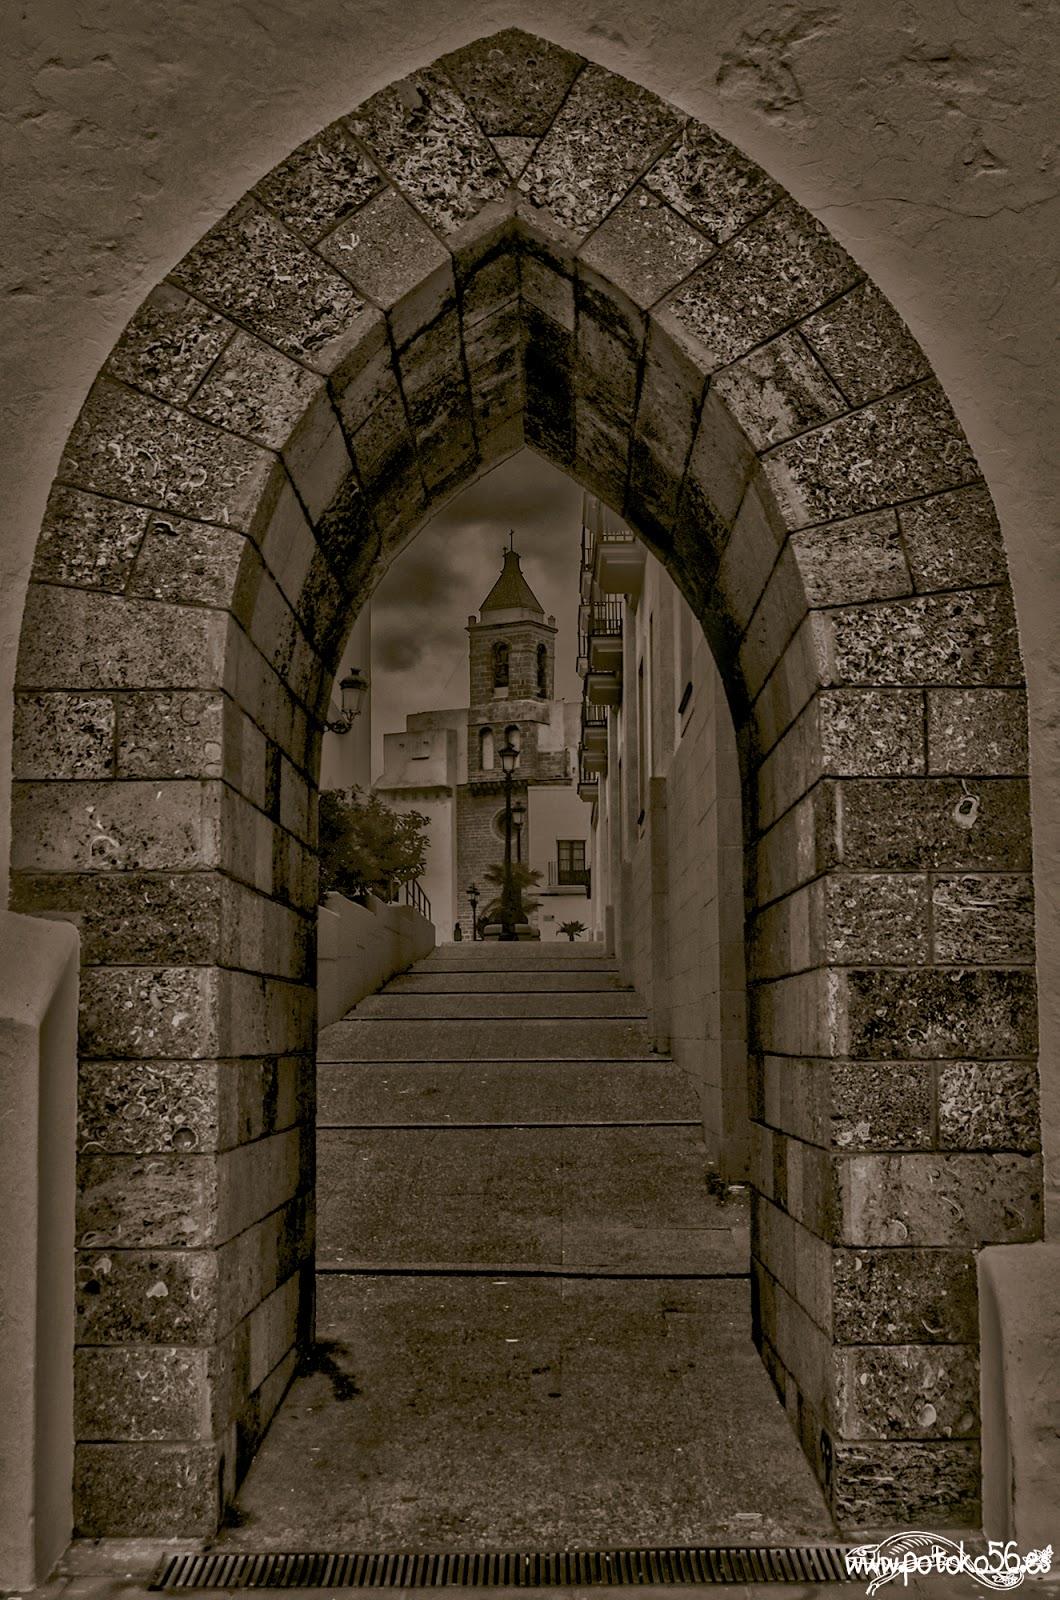 fotografiando Rota una puerta que da a la fantasía